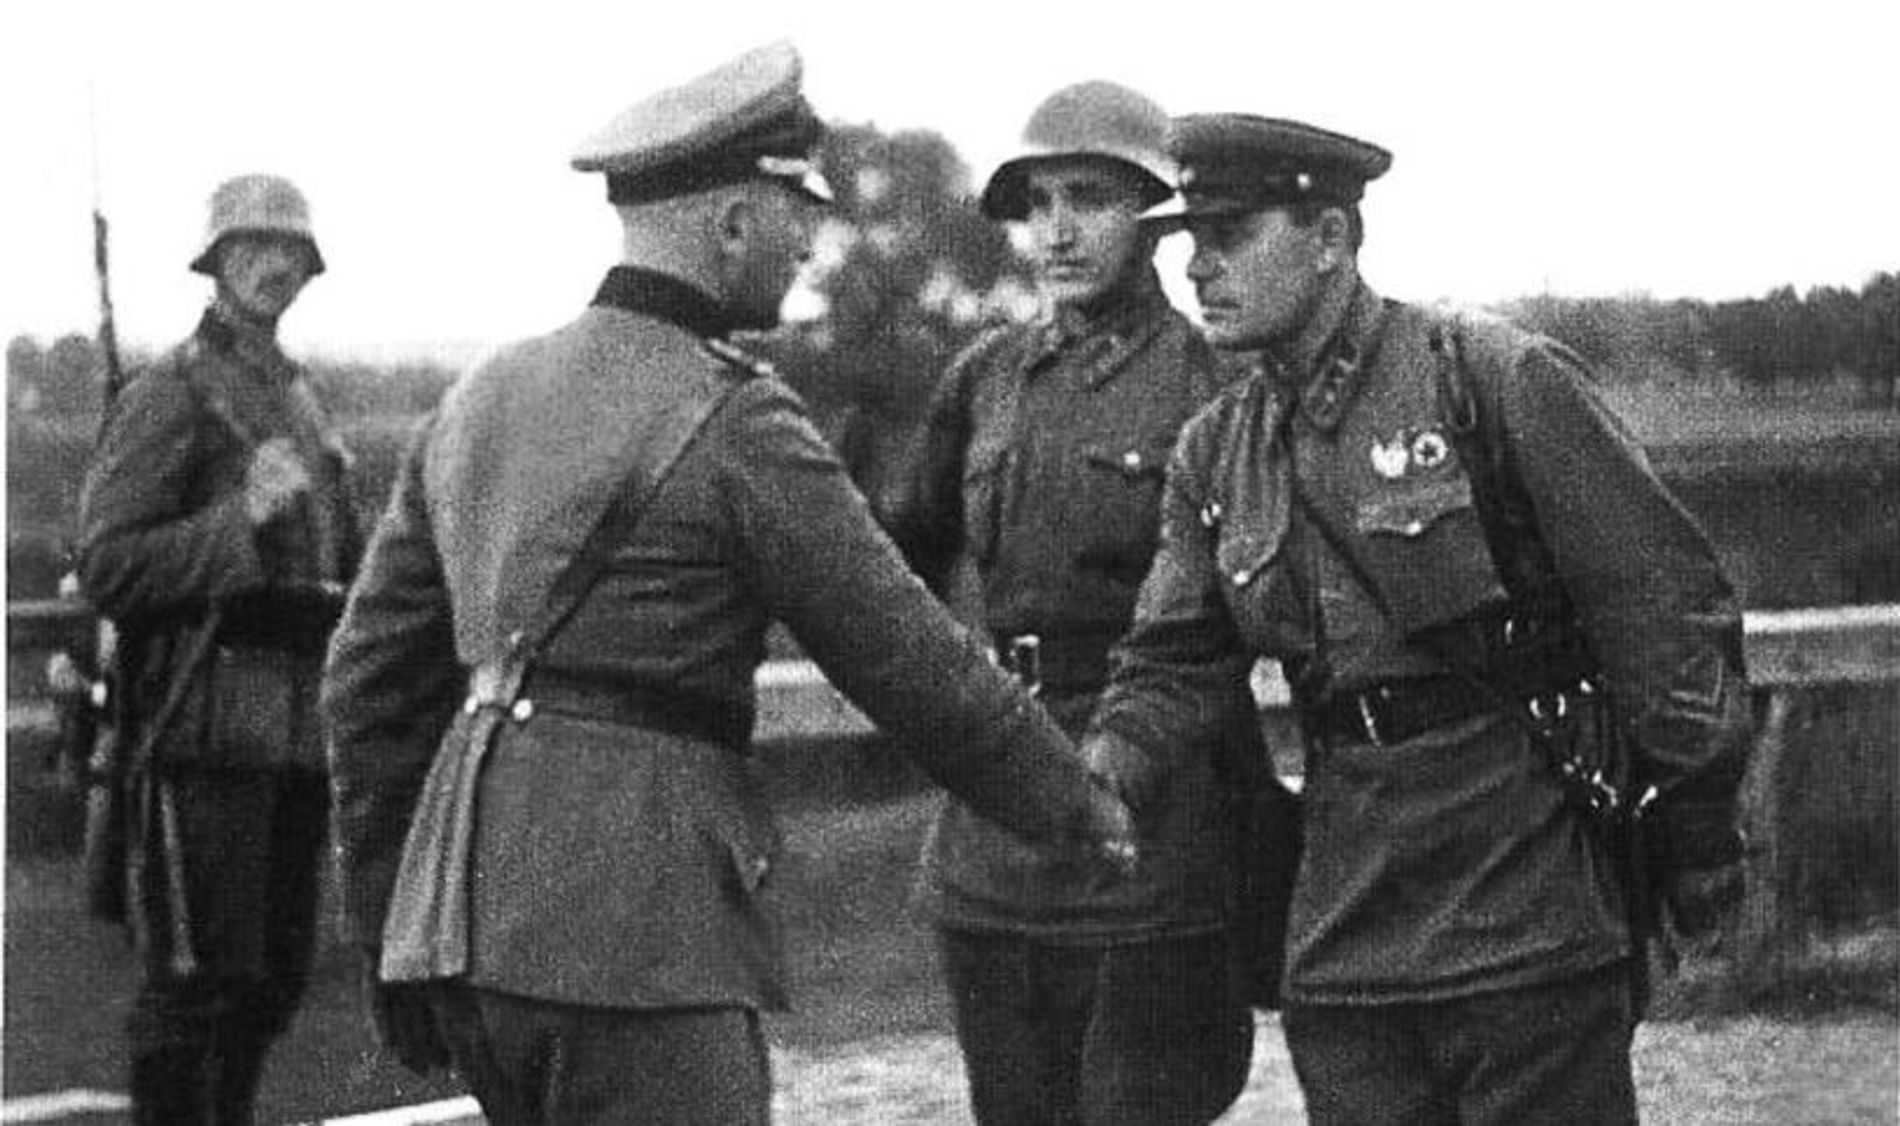 Dos oficiales, uno alemán y otro soviético, se saludan al encontrarse los dos ejércitos amigos que invadieron Polonia.